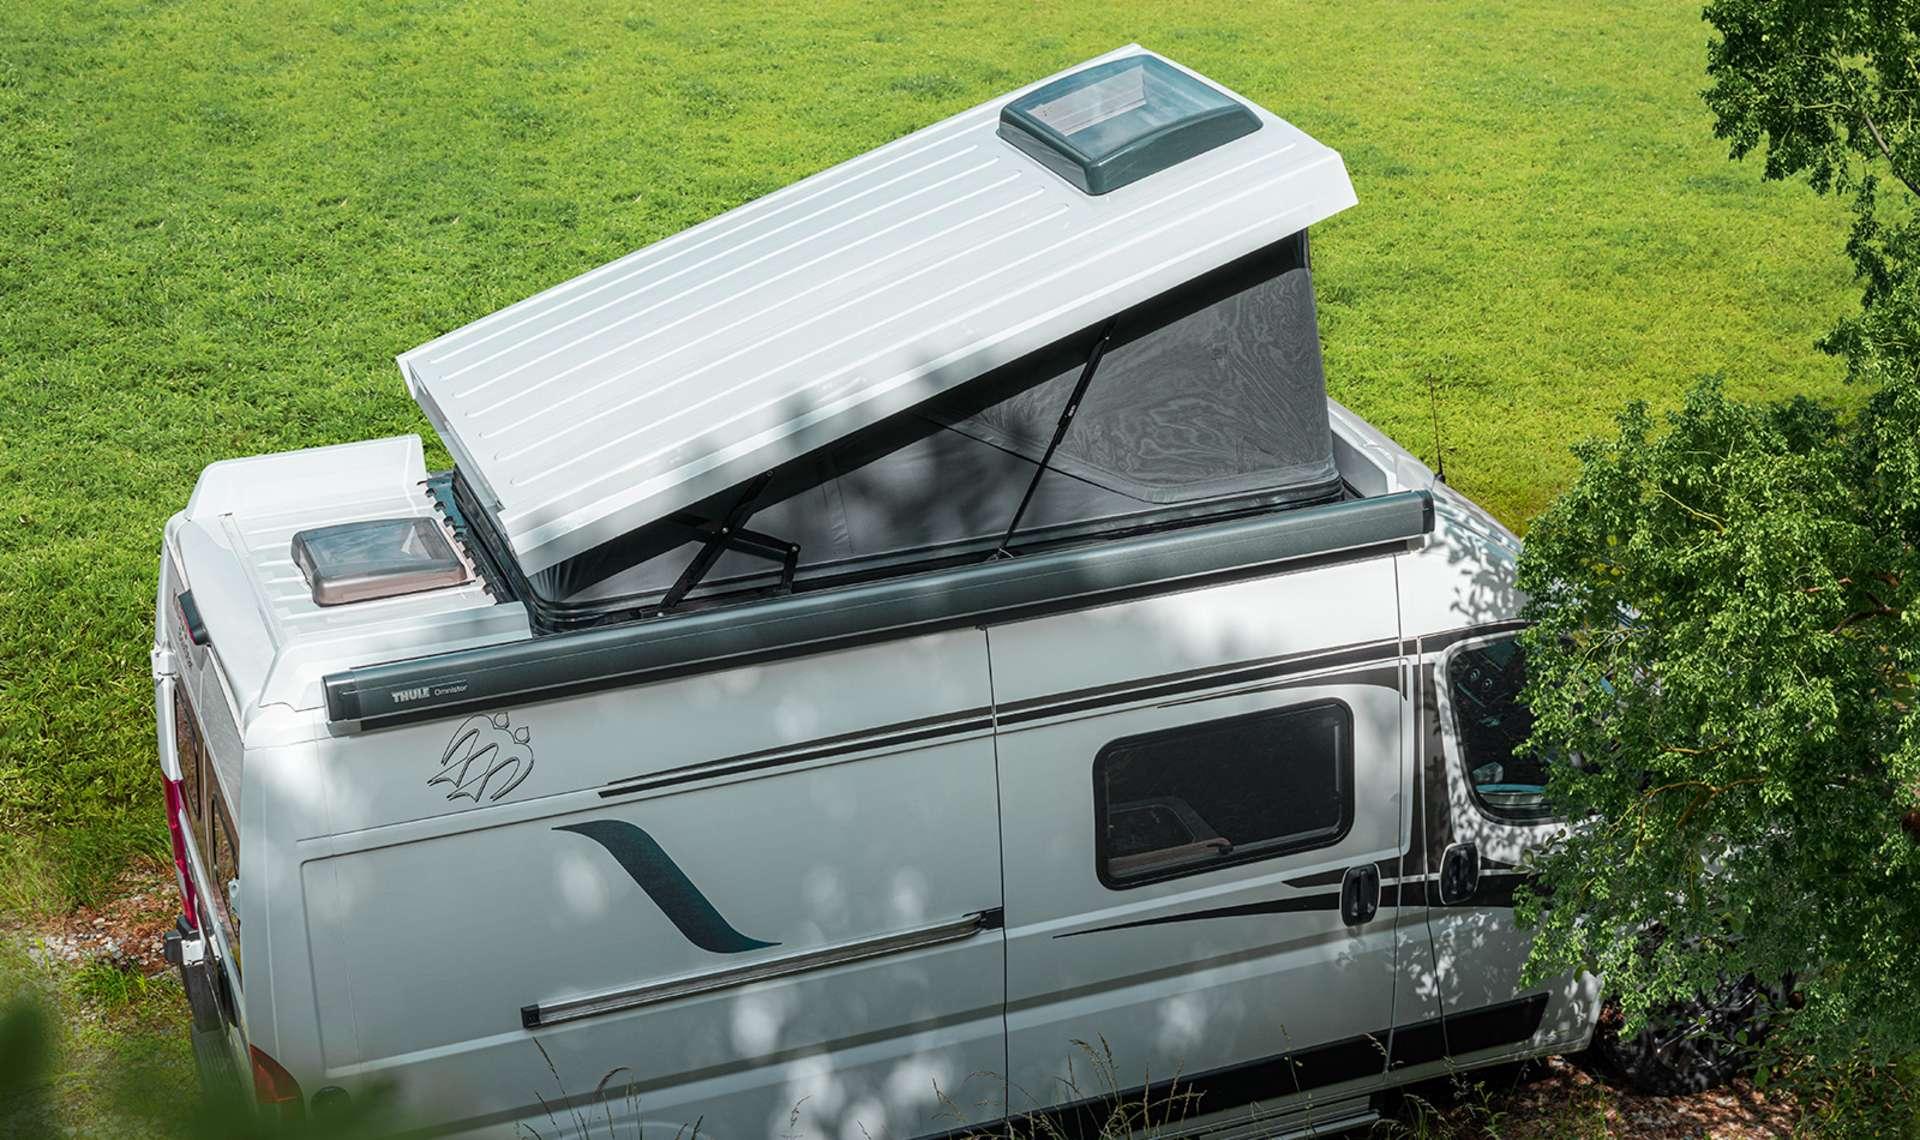 Knaus Tabbert Pop-Up Roof Camper